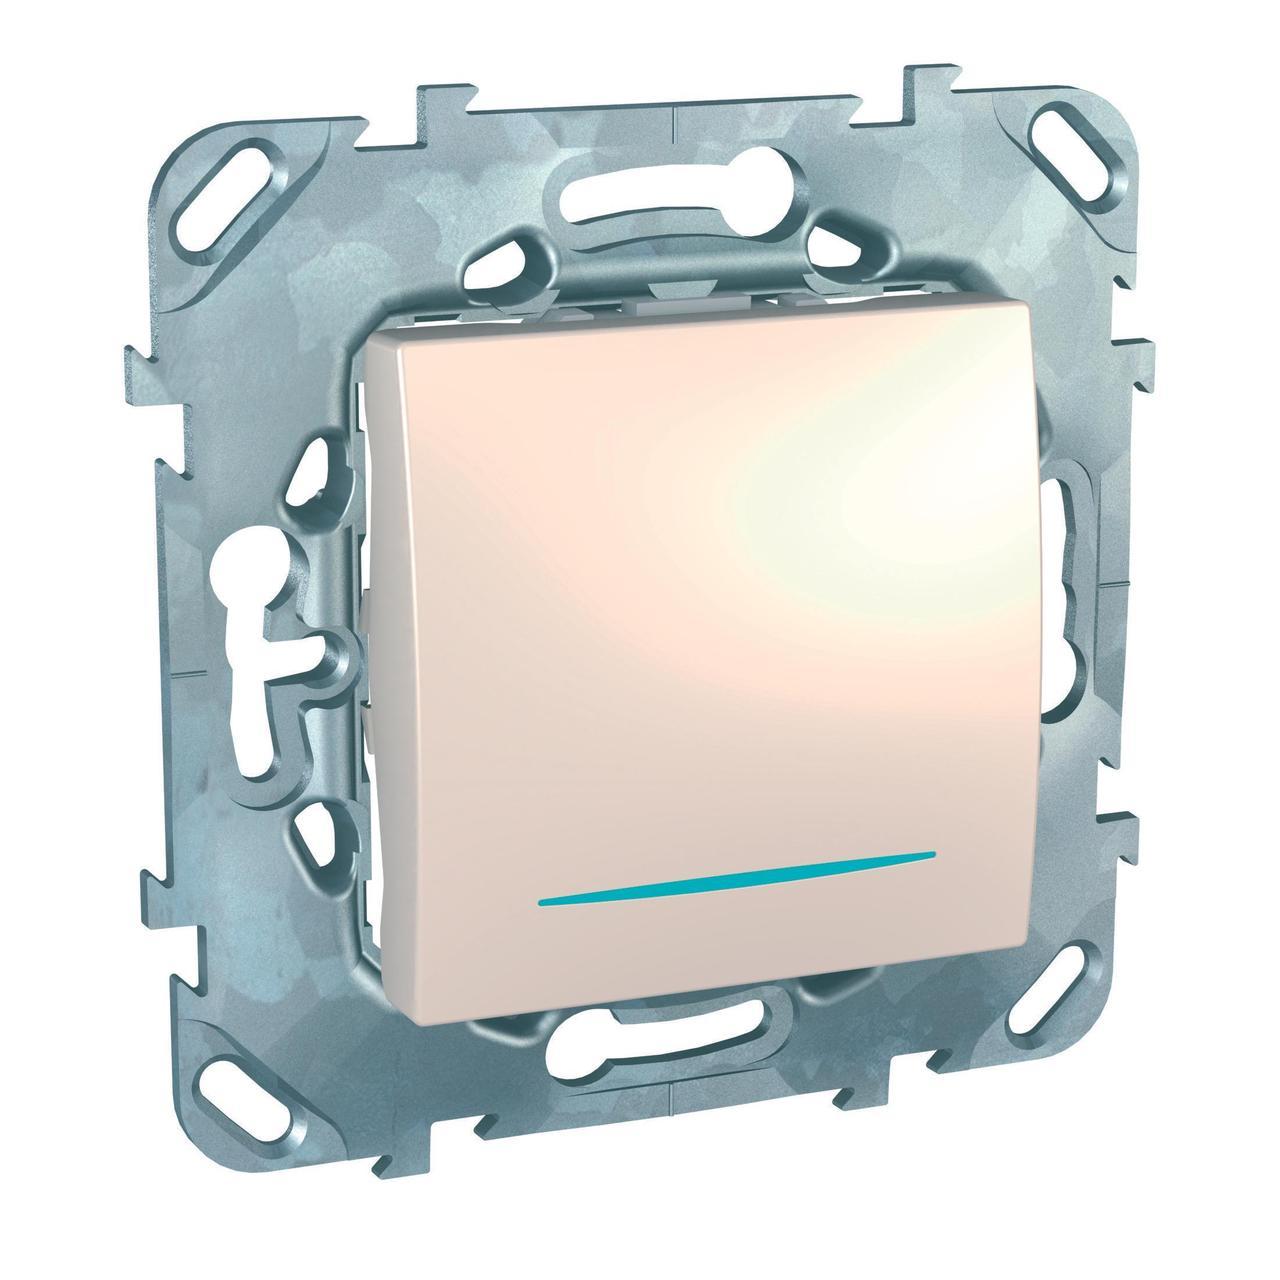 Выключатель 1-клавишный; кнопочный с подсветкой , Бежевый, серия Unica, Schneider Electric